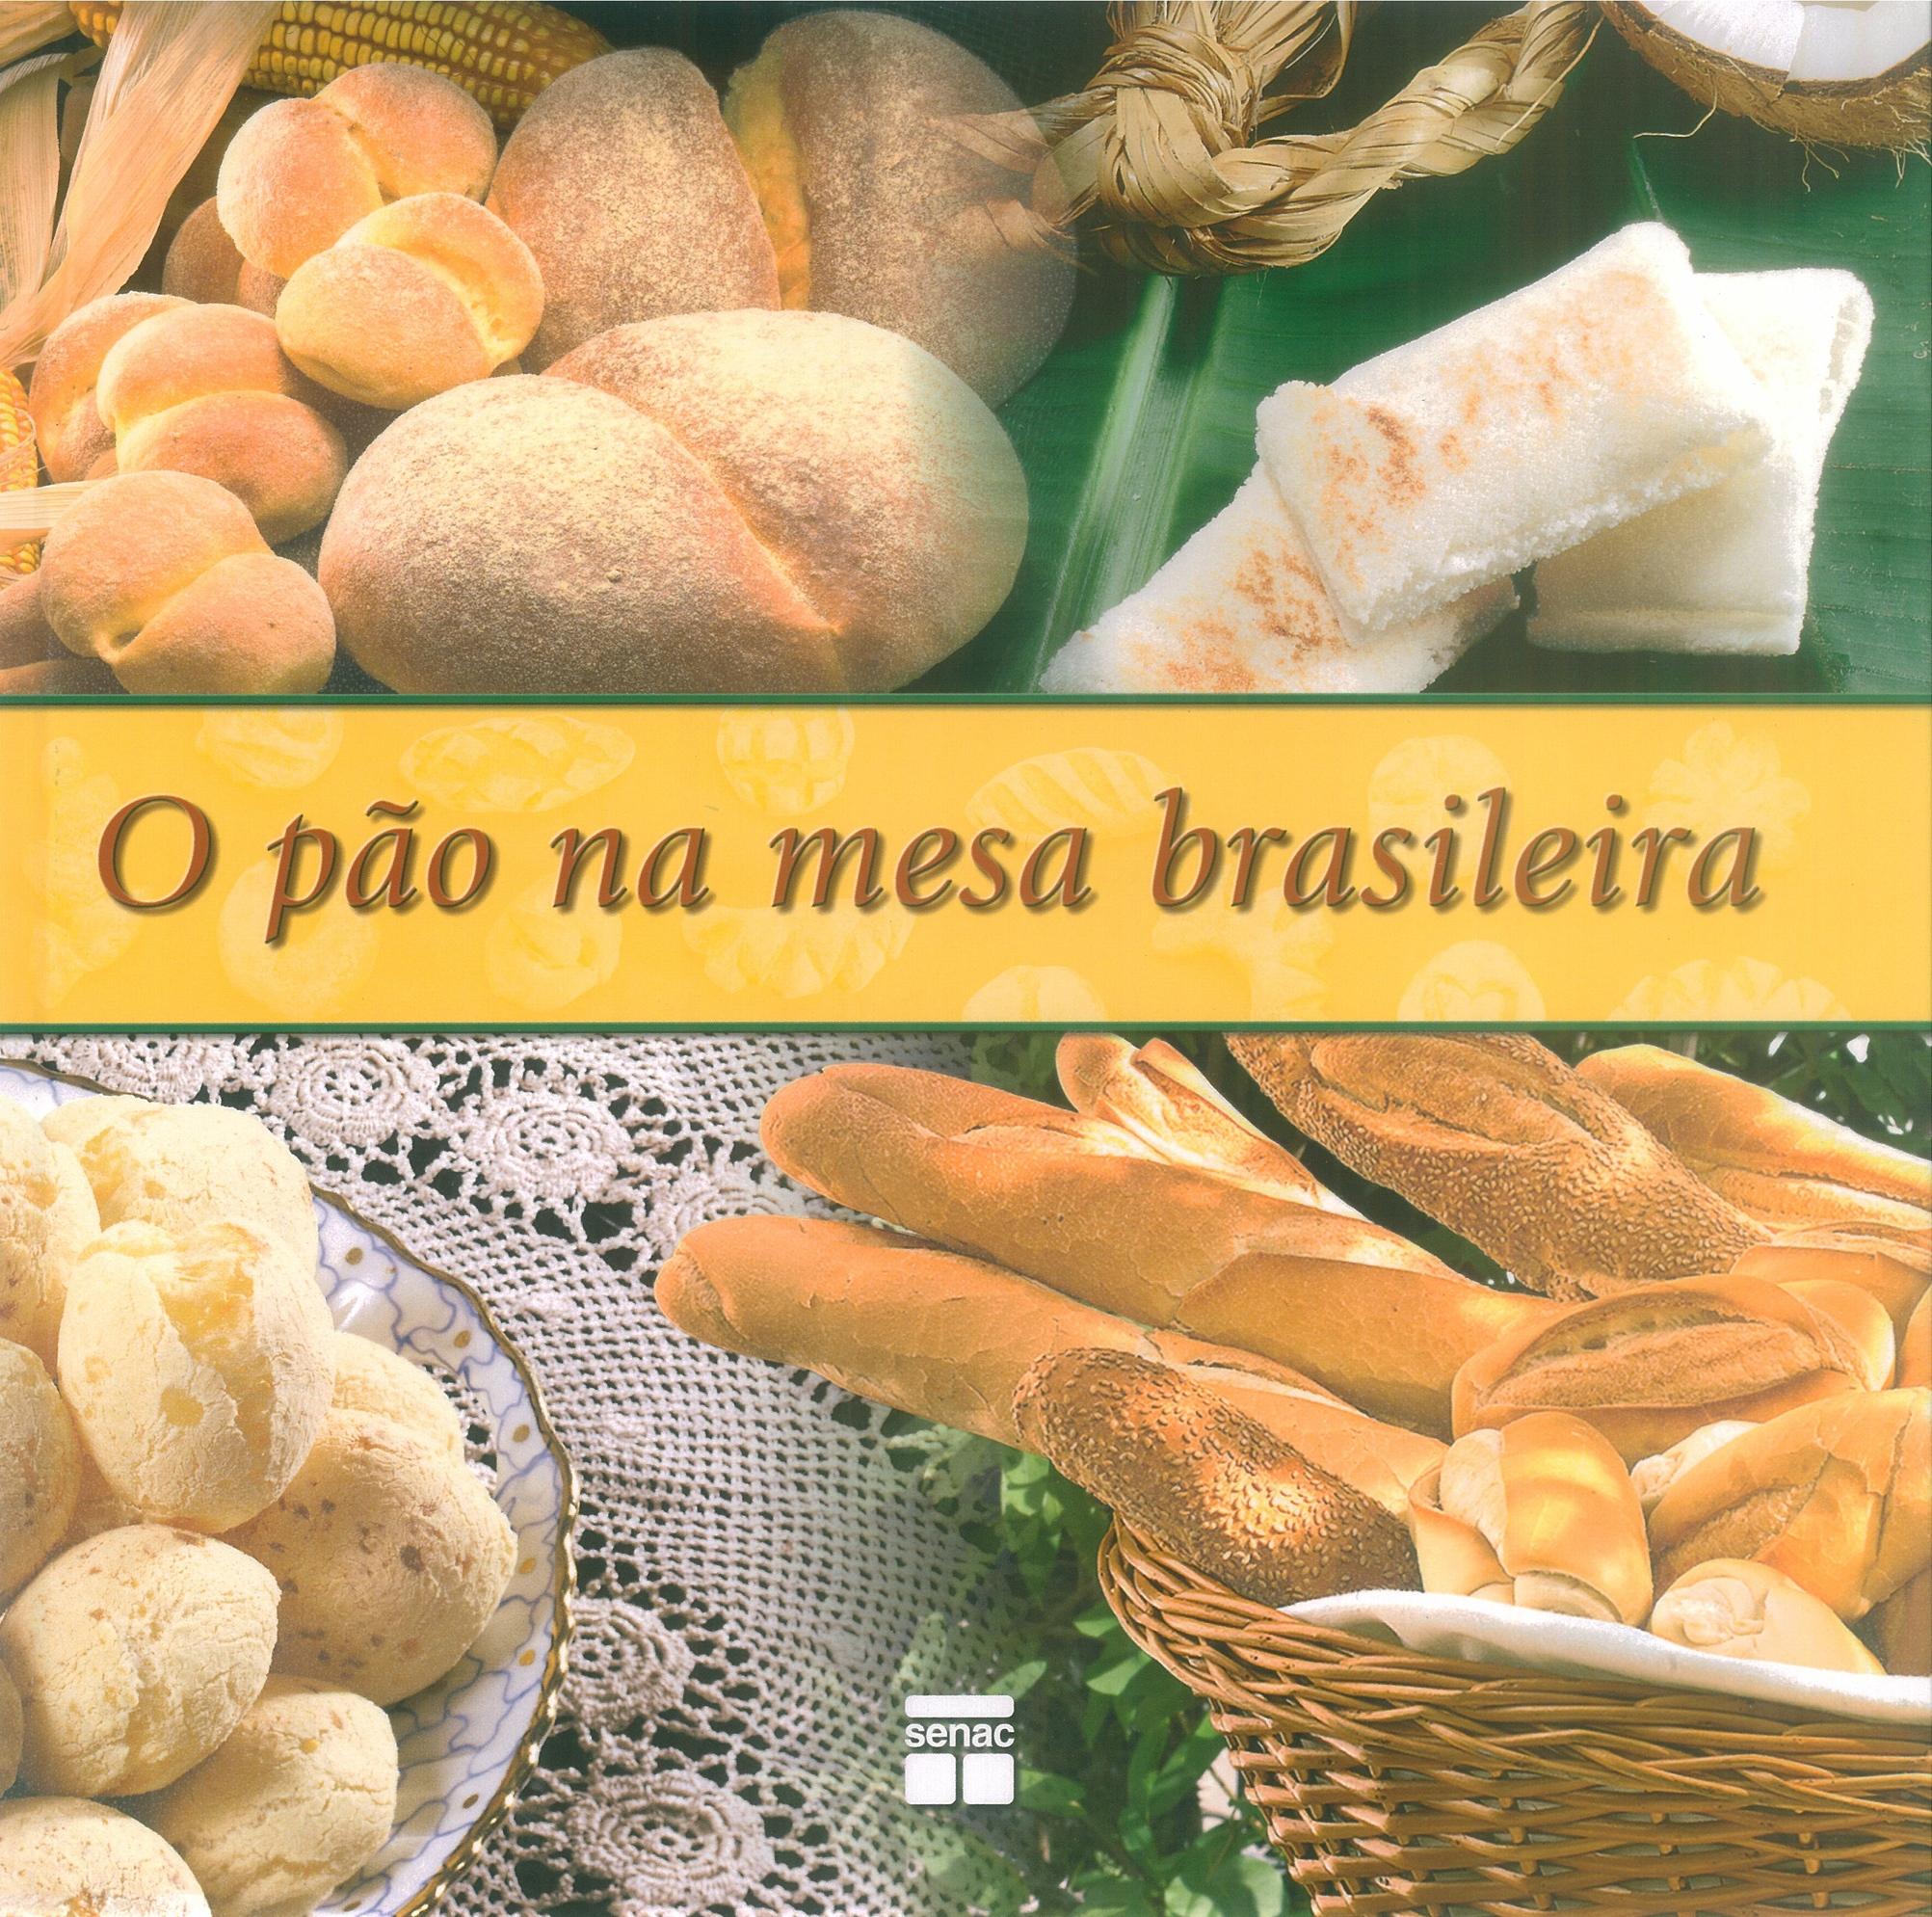 O pão na mesa brasileira